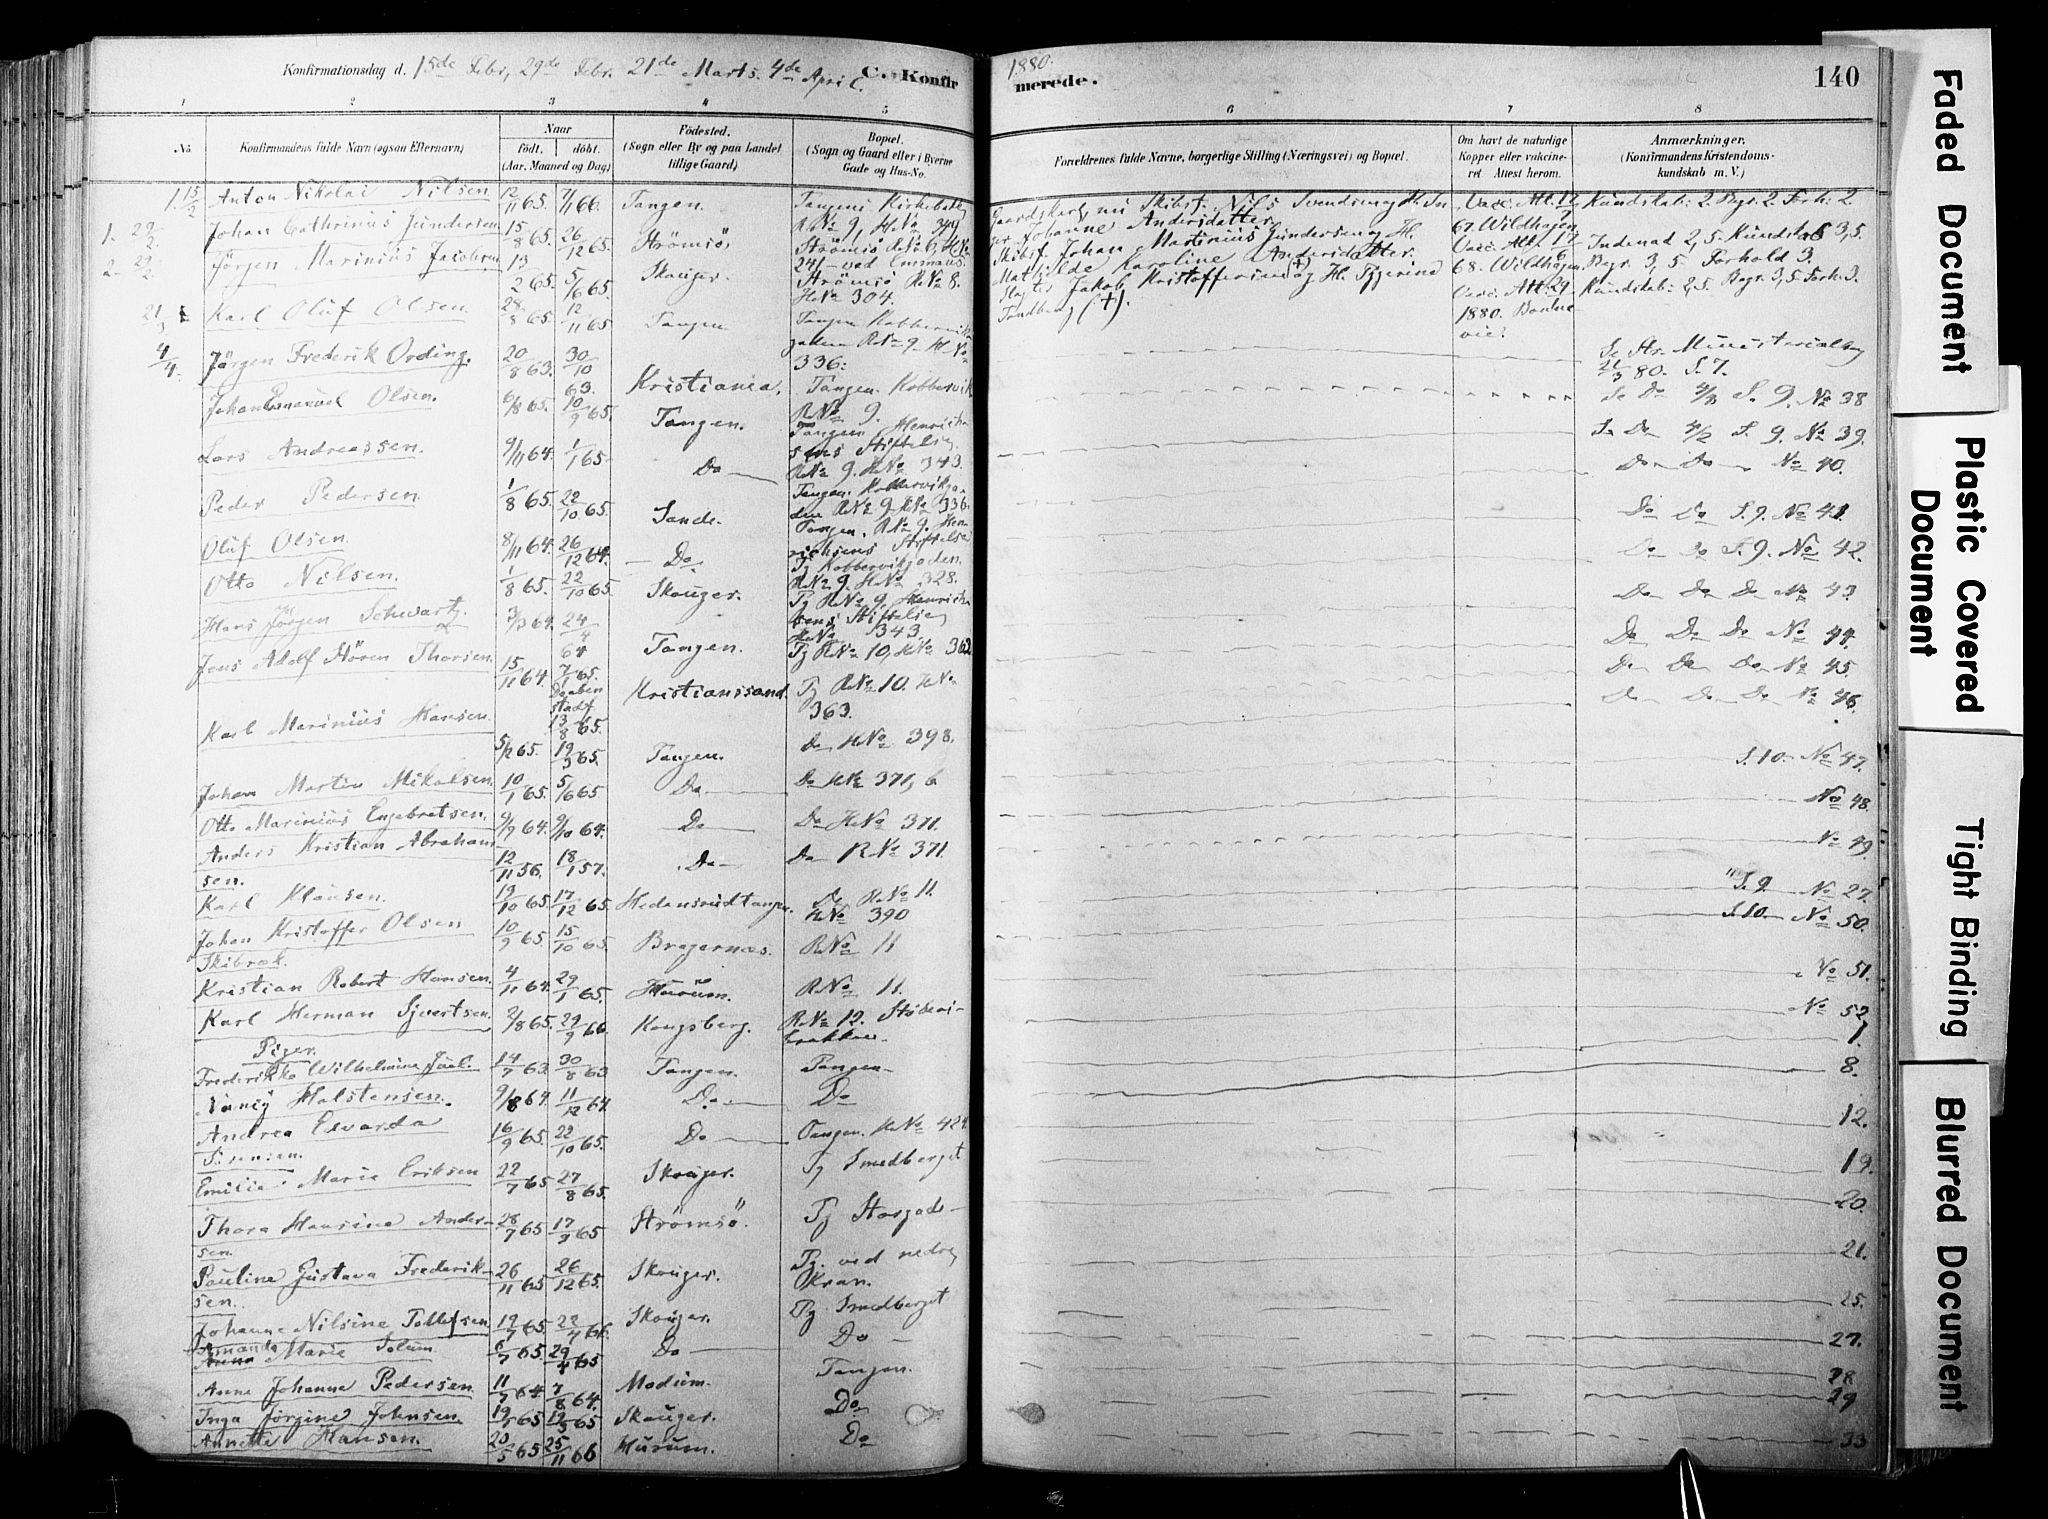 SAKO, Strømsø kirkebøker, F/Fb/L0006: Ministerialbok nr. II 6, 1879-1910, s. 140